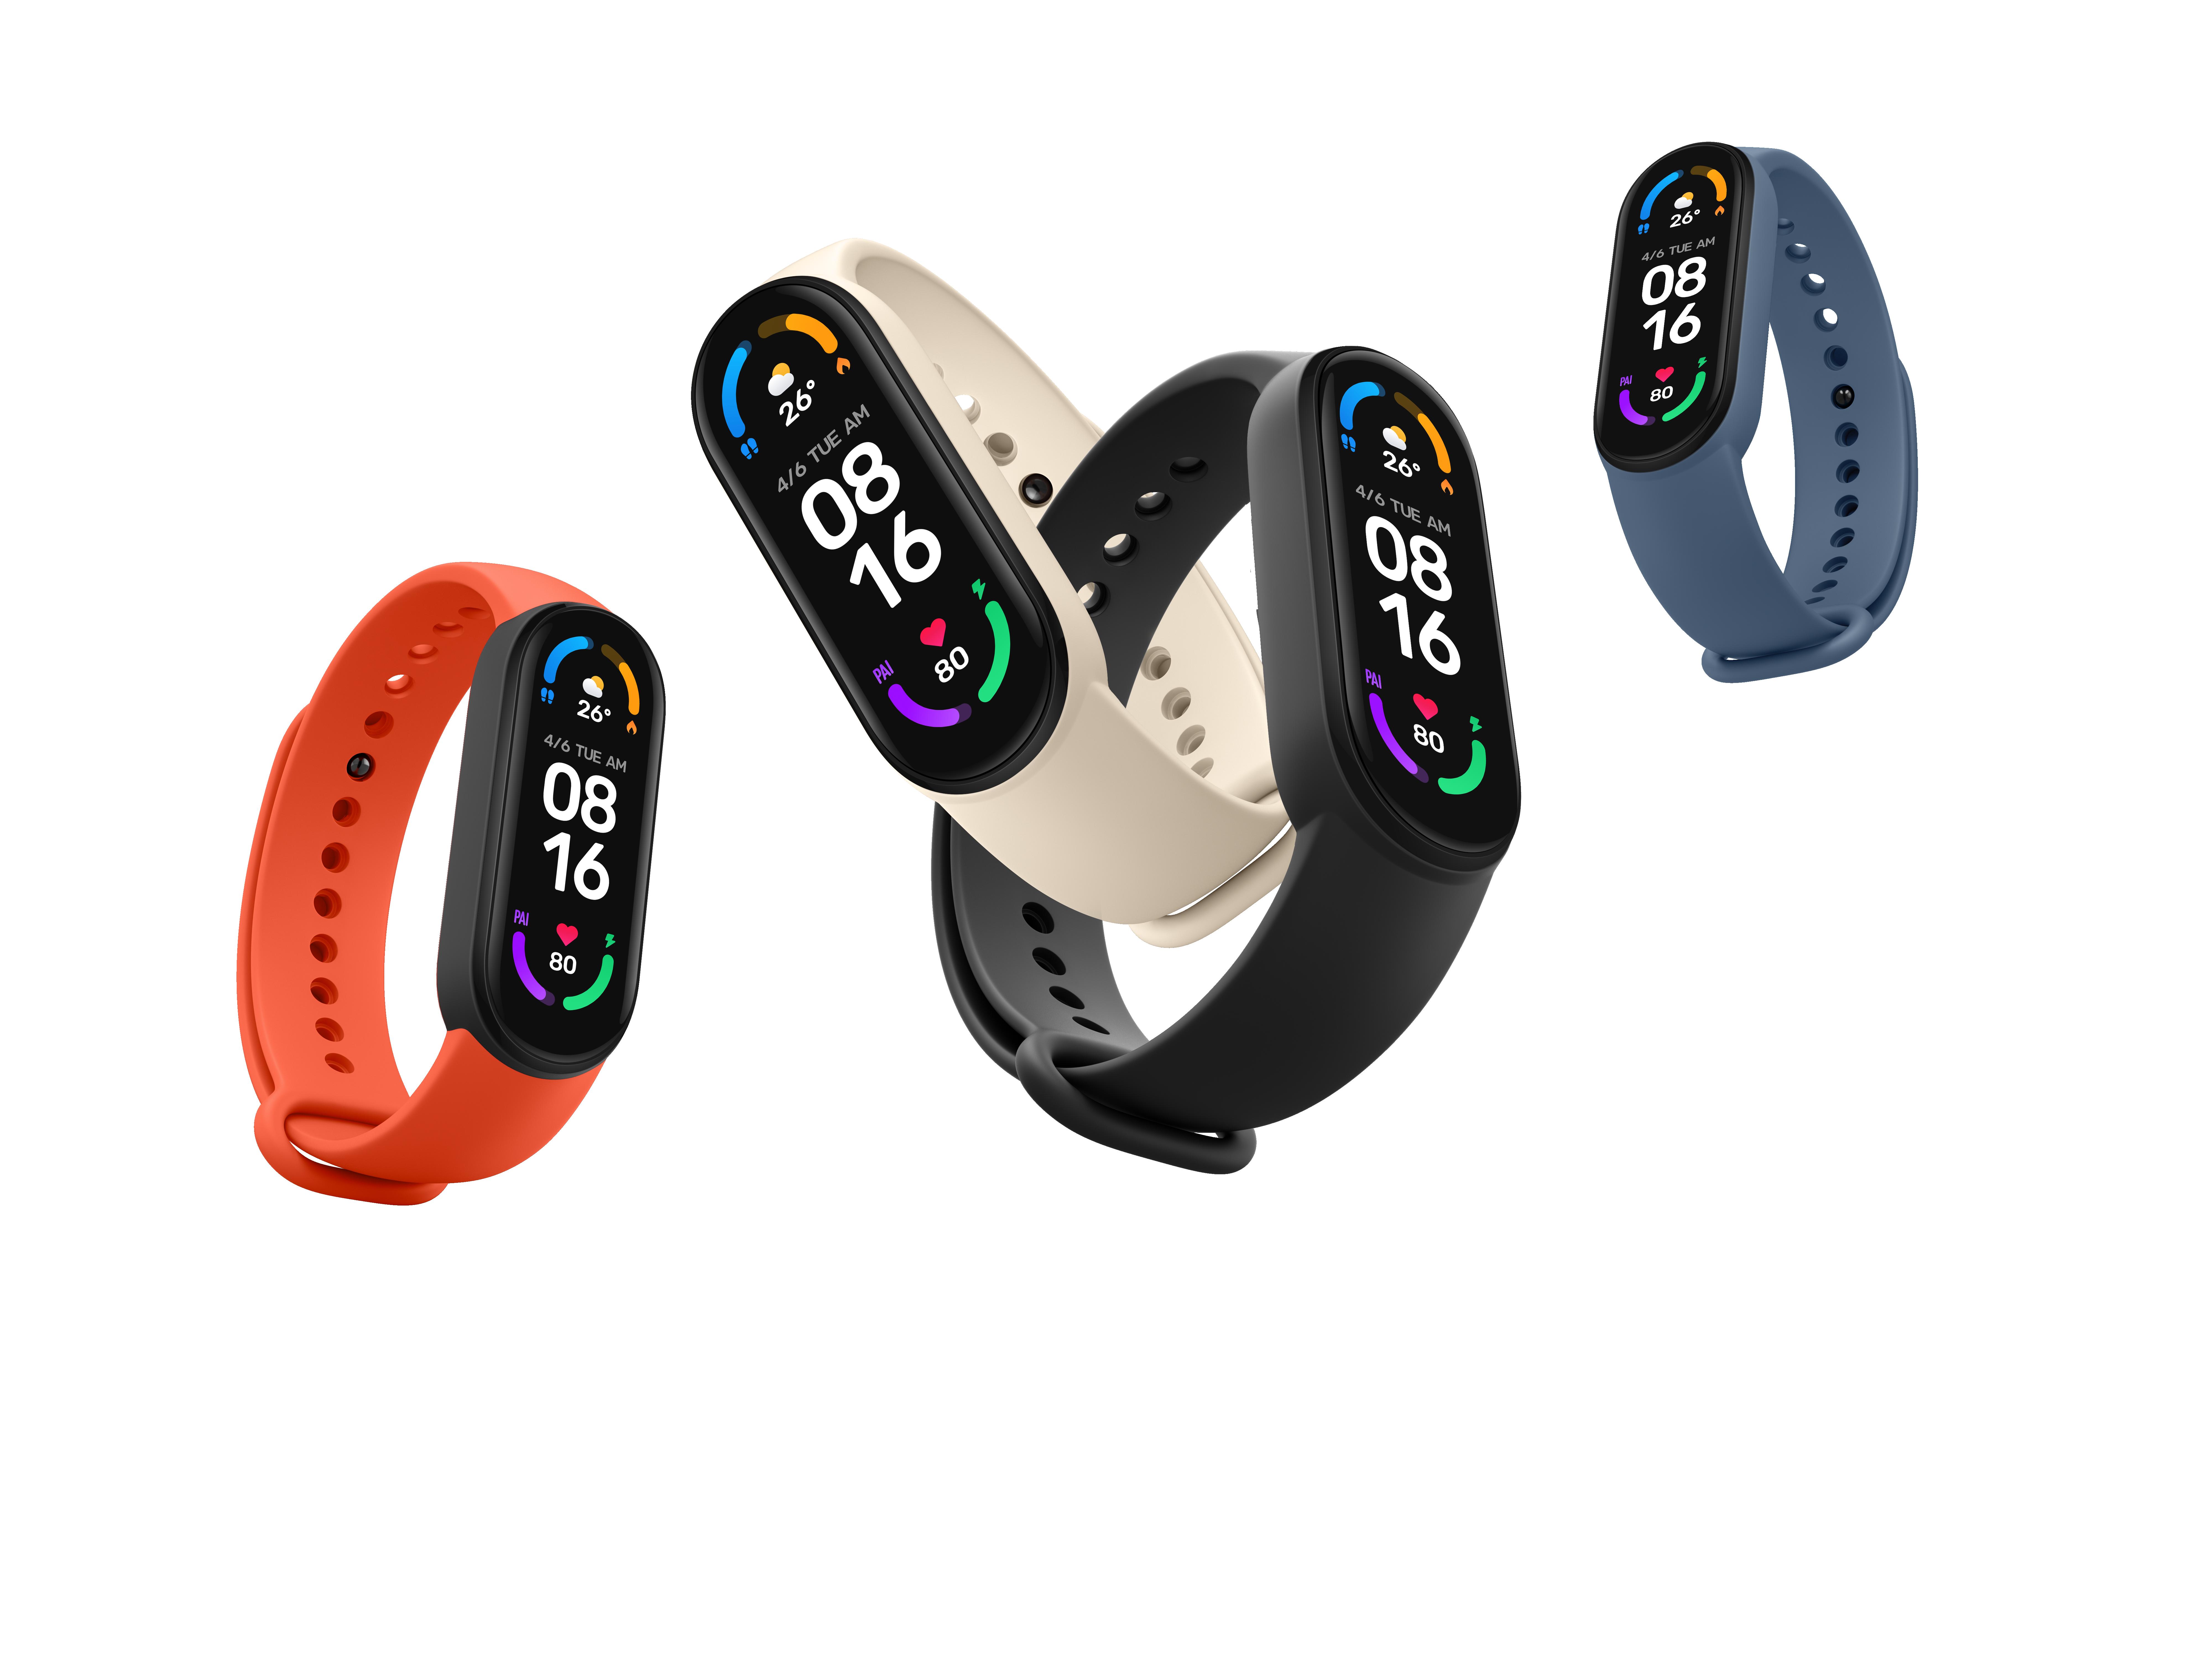 Xiaomi Mi Band 6: фитнес-трекер с увеличенным дисплеем без рамок, датчиком SpO2 и 14 днями автономной работы за $35